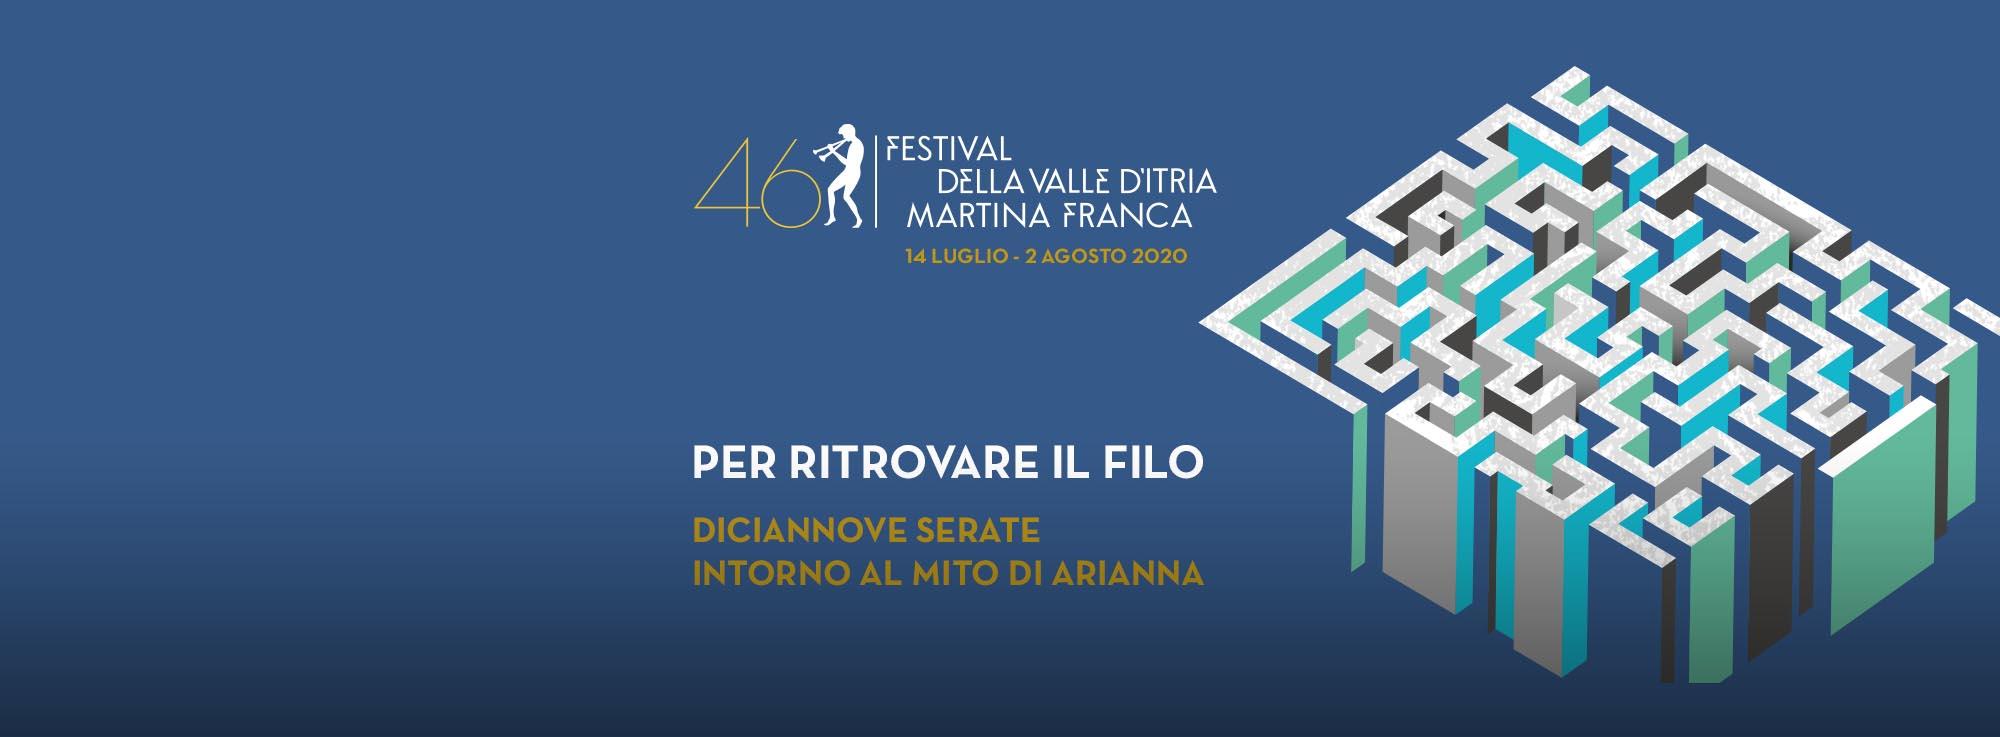 Martina Franca: Festival della Valle d'Itria